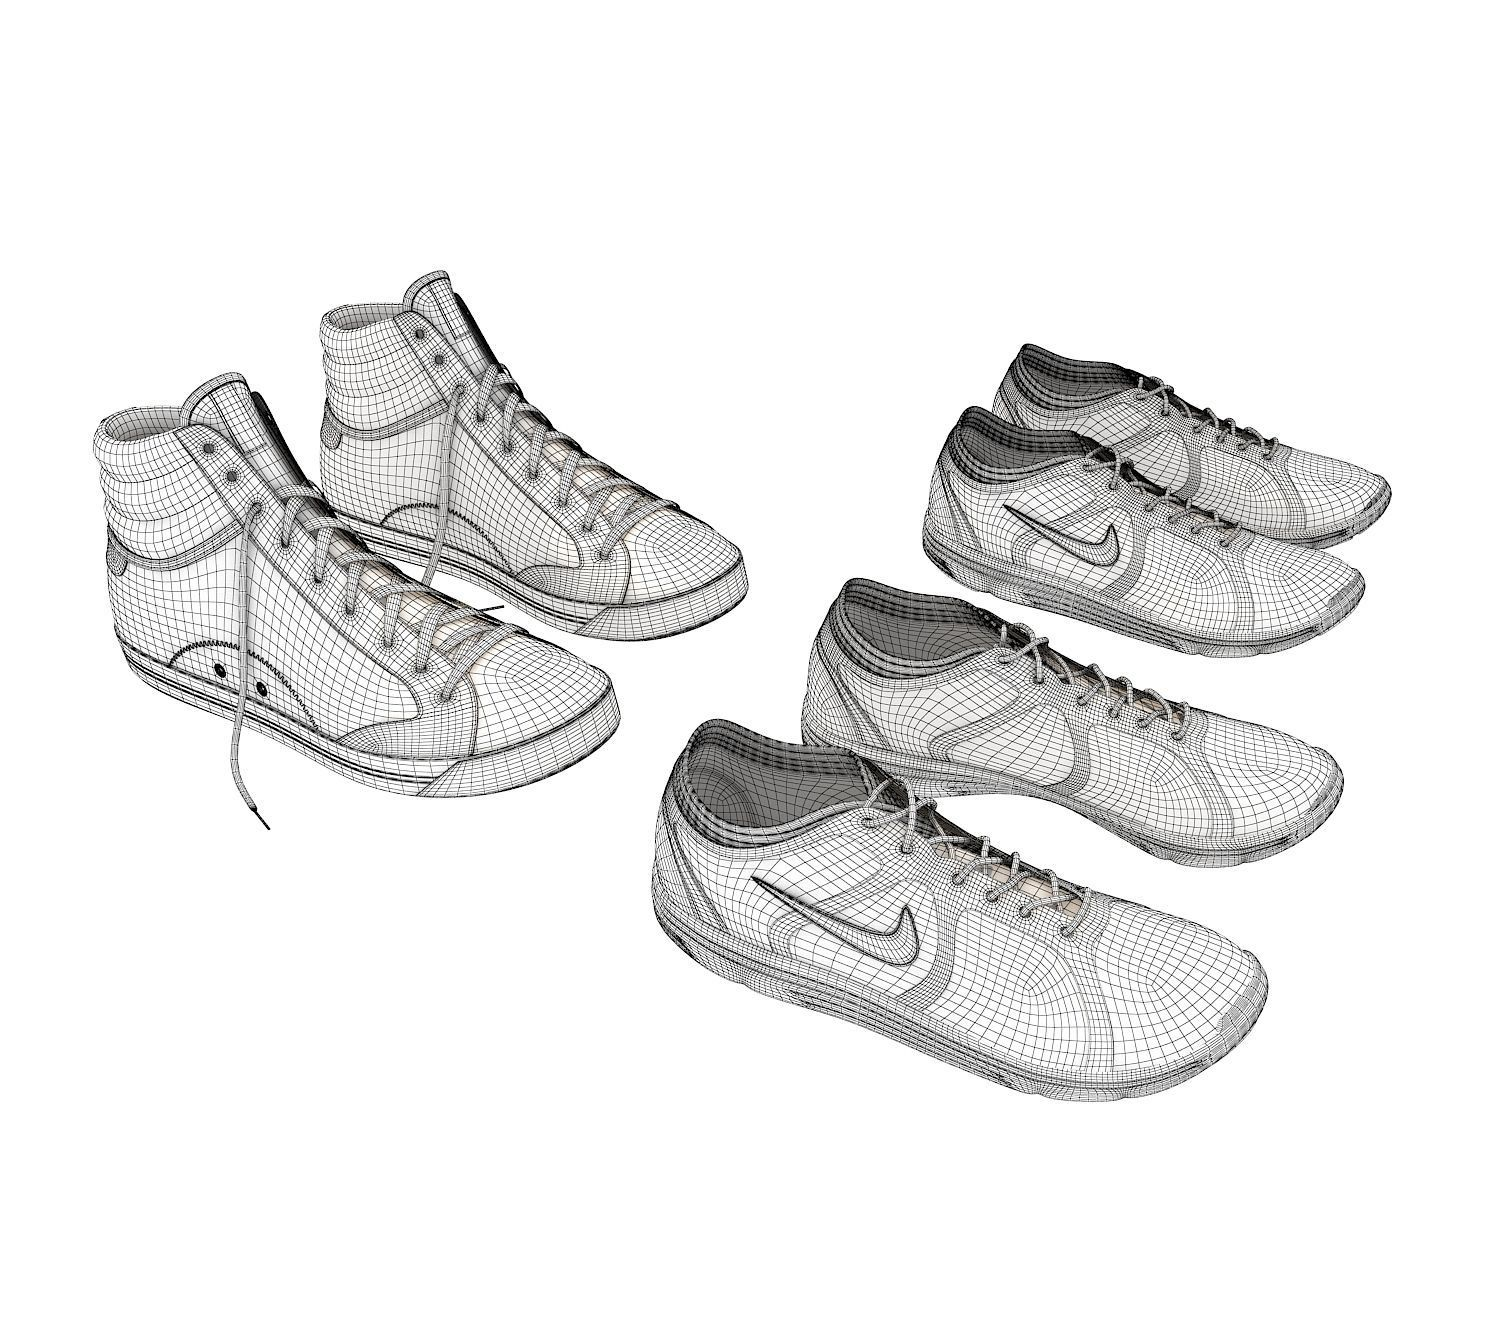 sport shoes 2 3d model max obj fbx mtl 11. Add to wish list. Remove from  wish list 8030c5a19